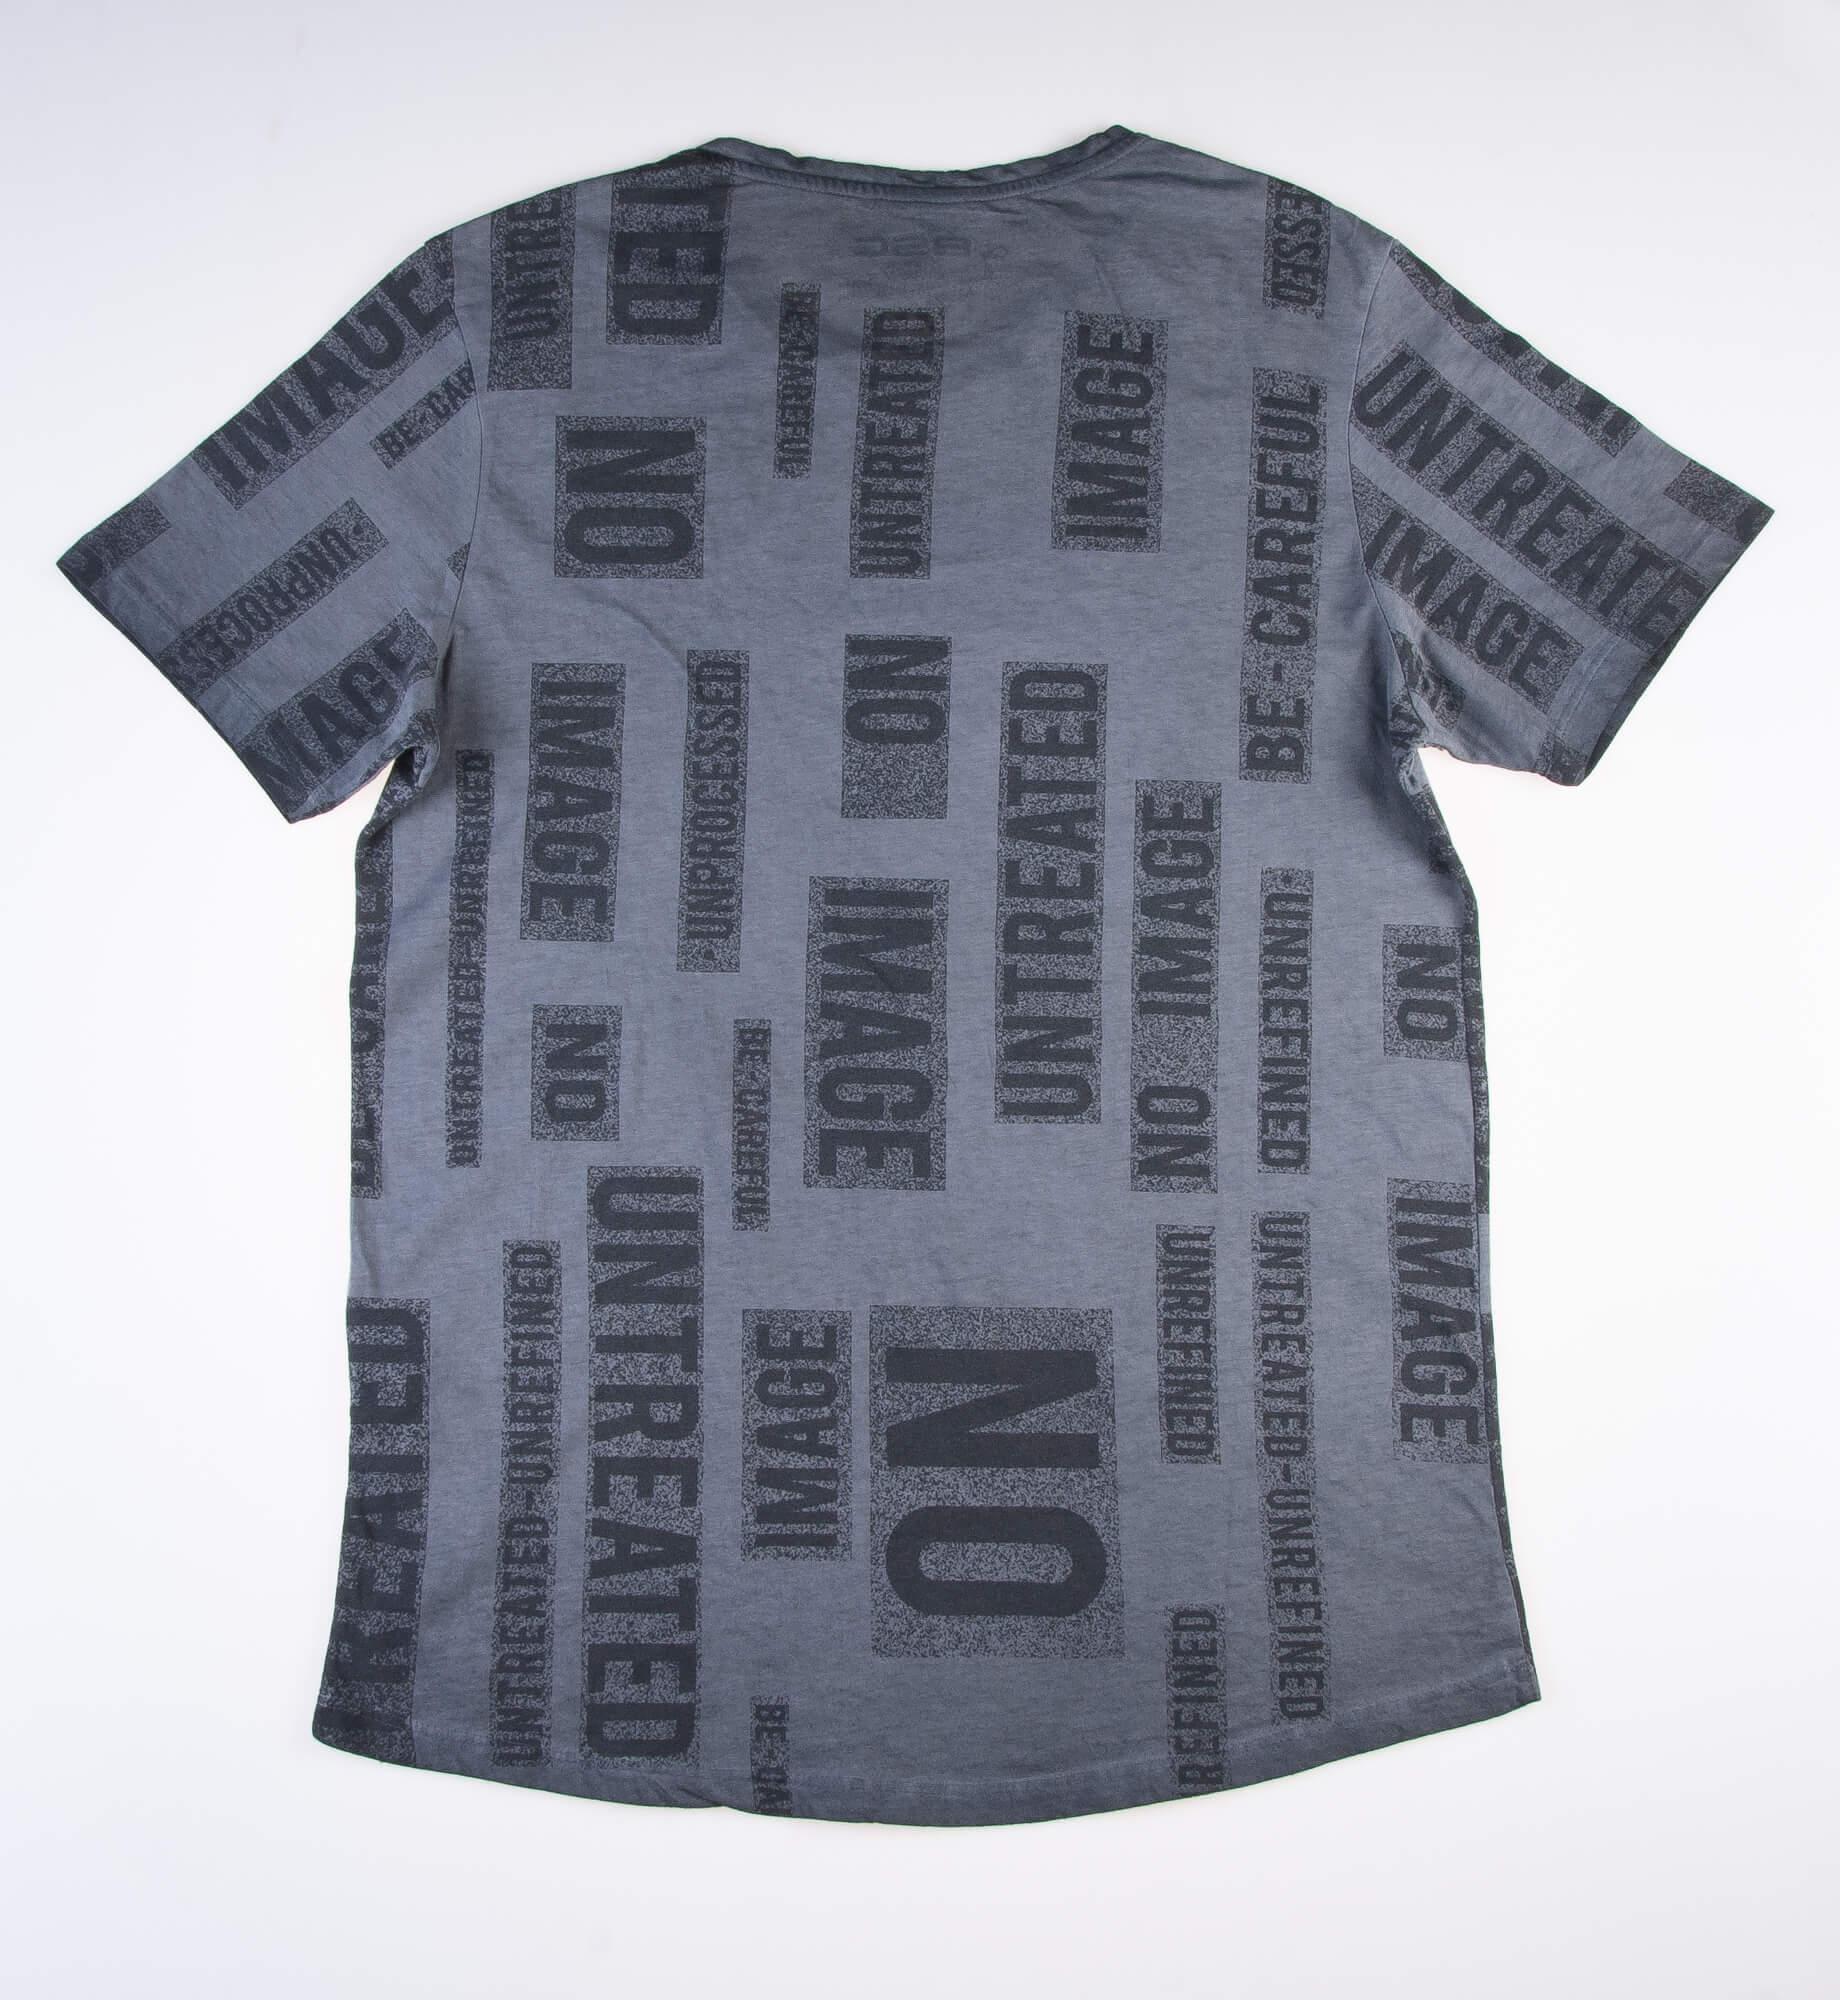 تی شرت مردانه برند S1040 BSC